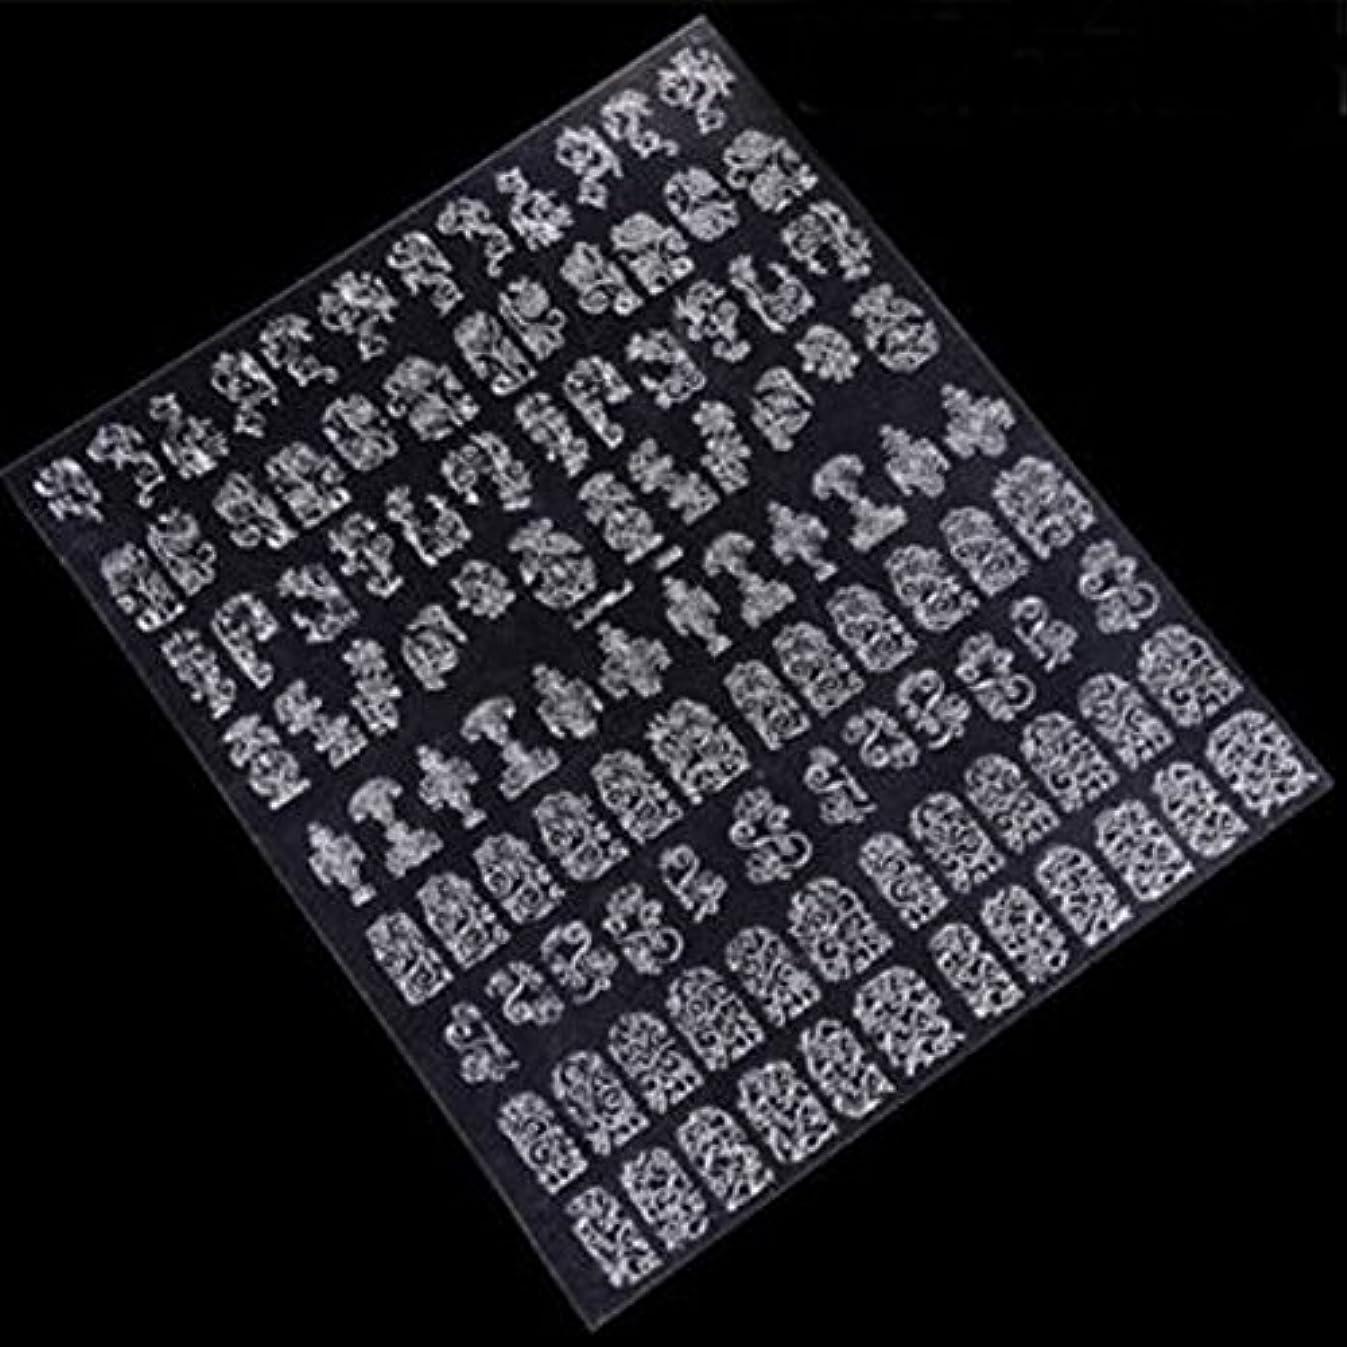 安定したウィスキーペナルティACHICOO ネイルアート ステッカー 108Pcs 3Dシルバーフラワー デカールステッカー DIY デコレーションツール